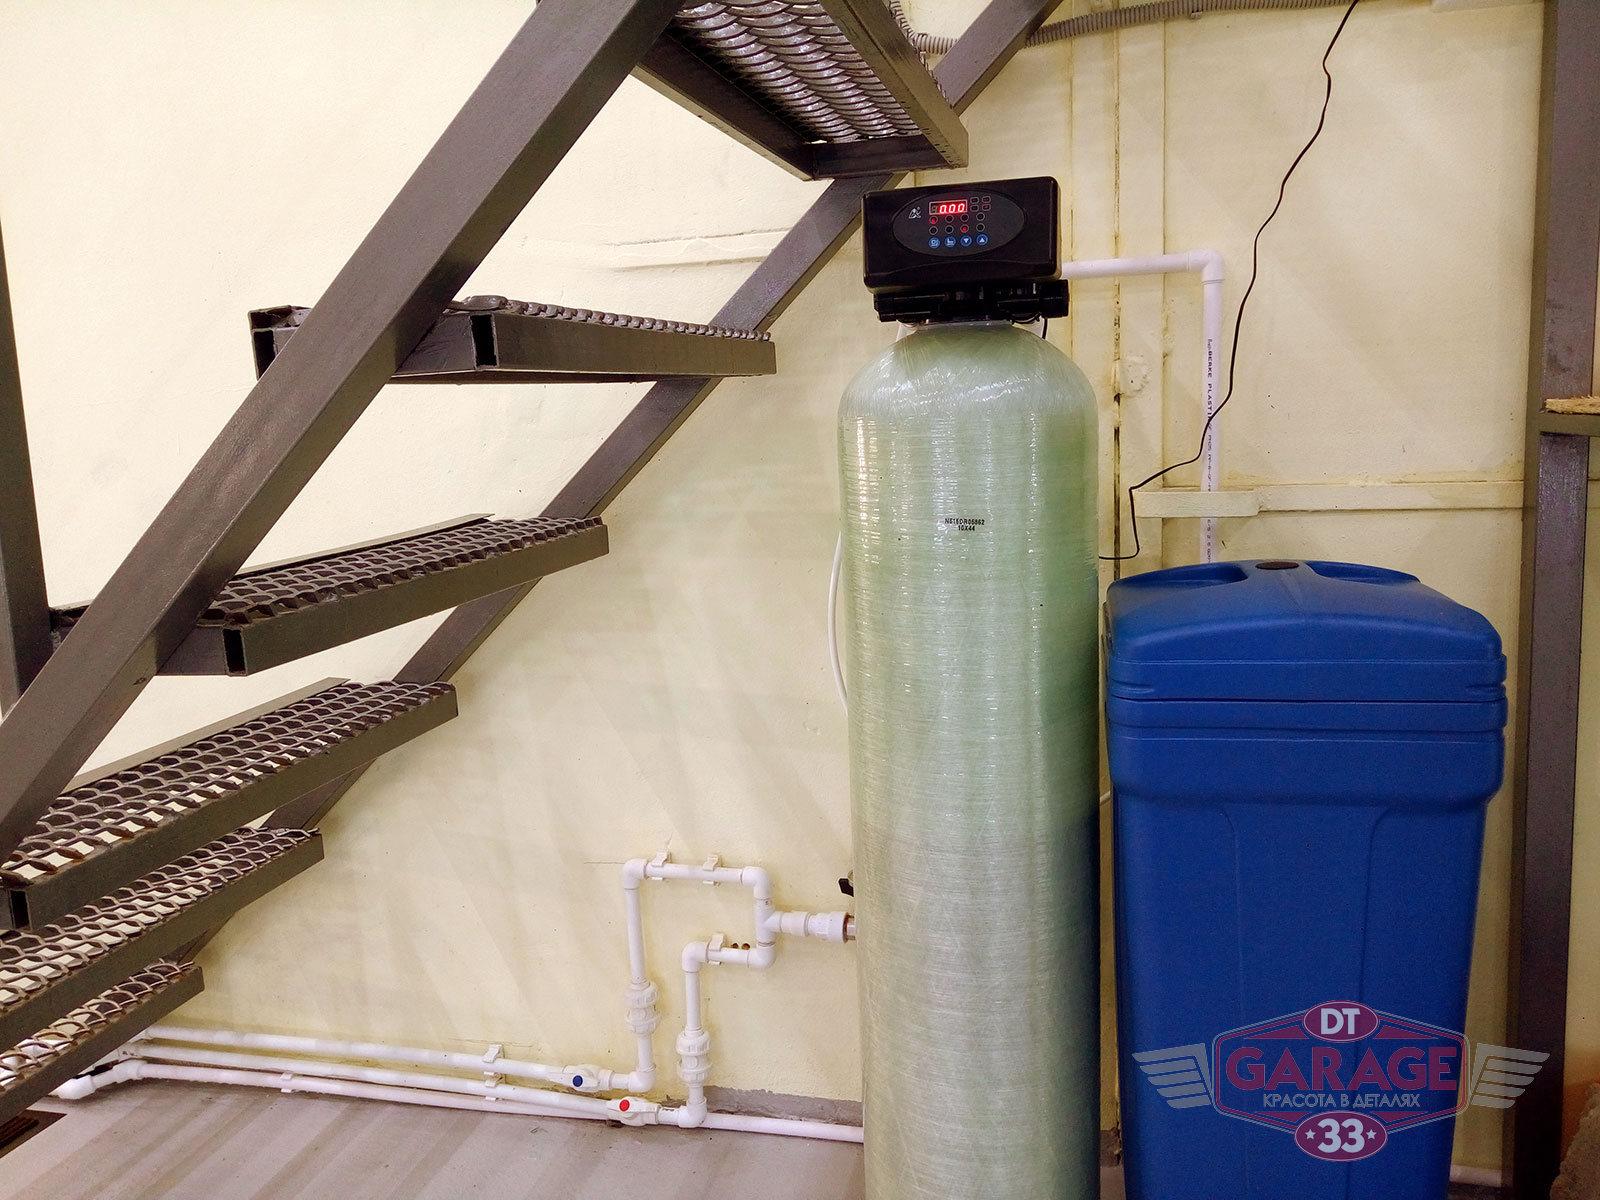 На фото система фильтрации воды детейлинга.